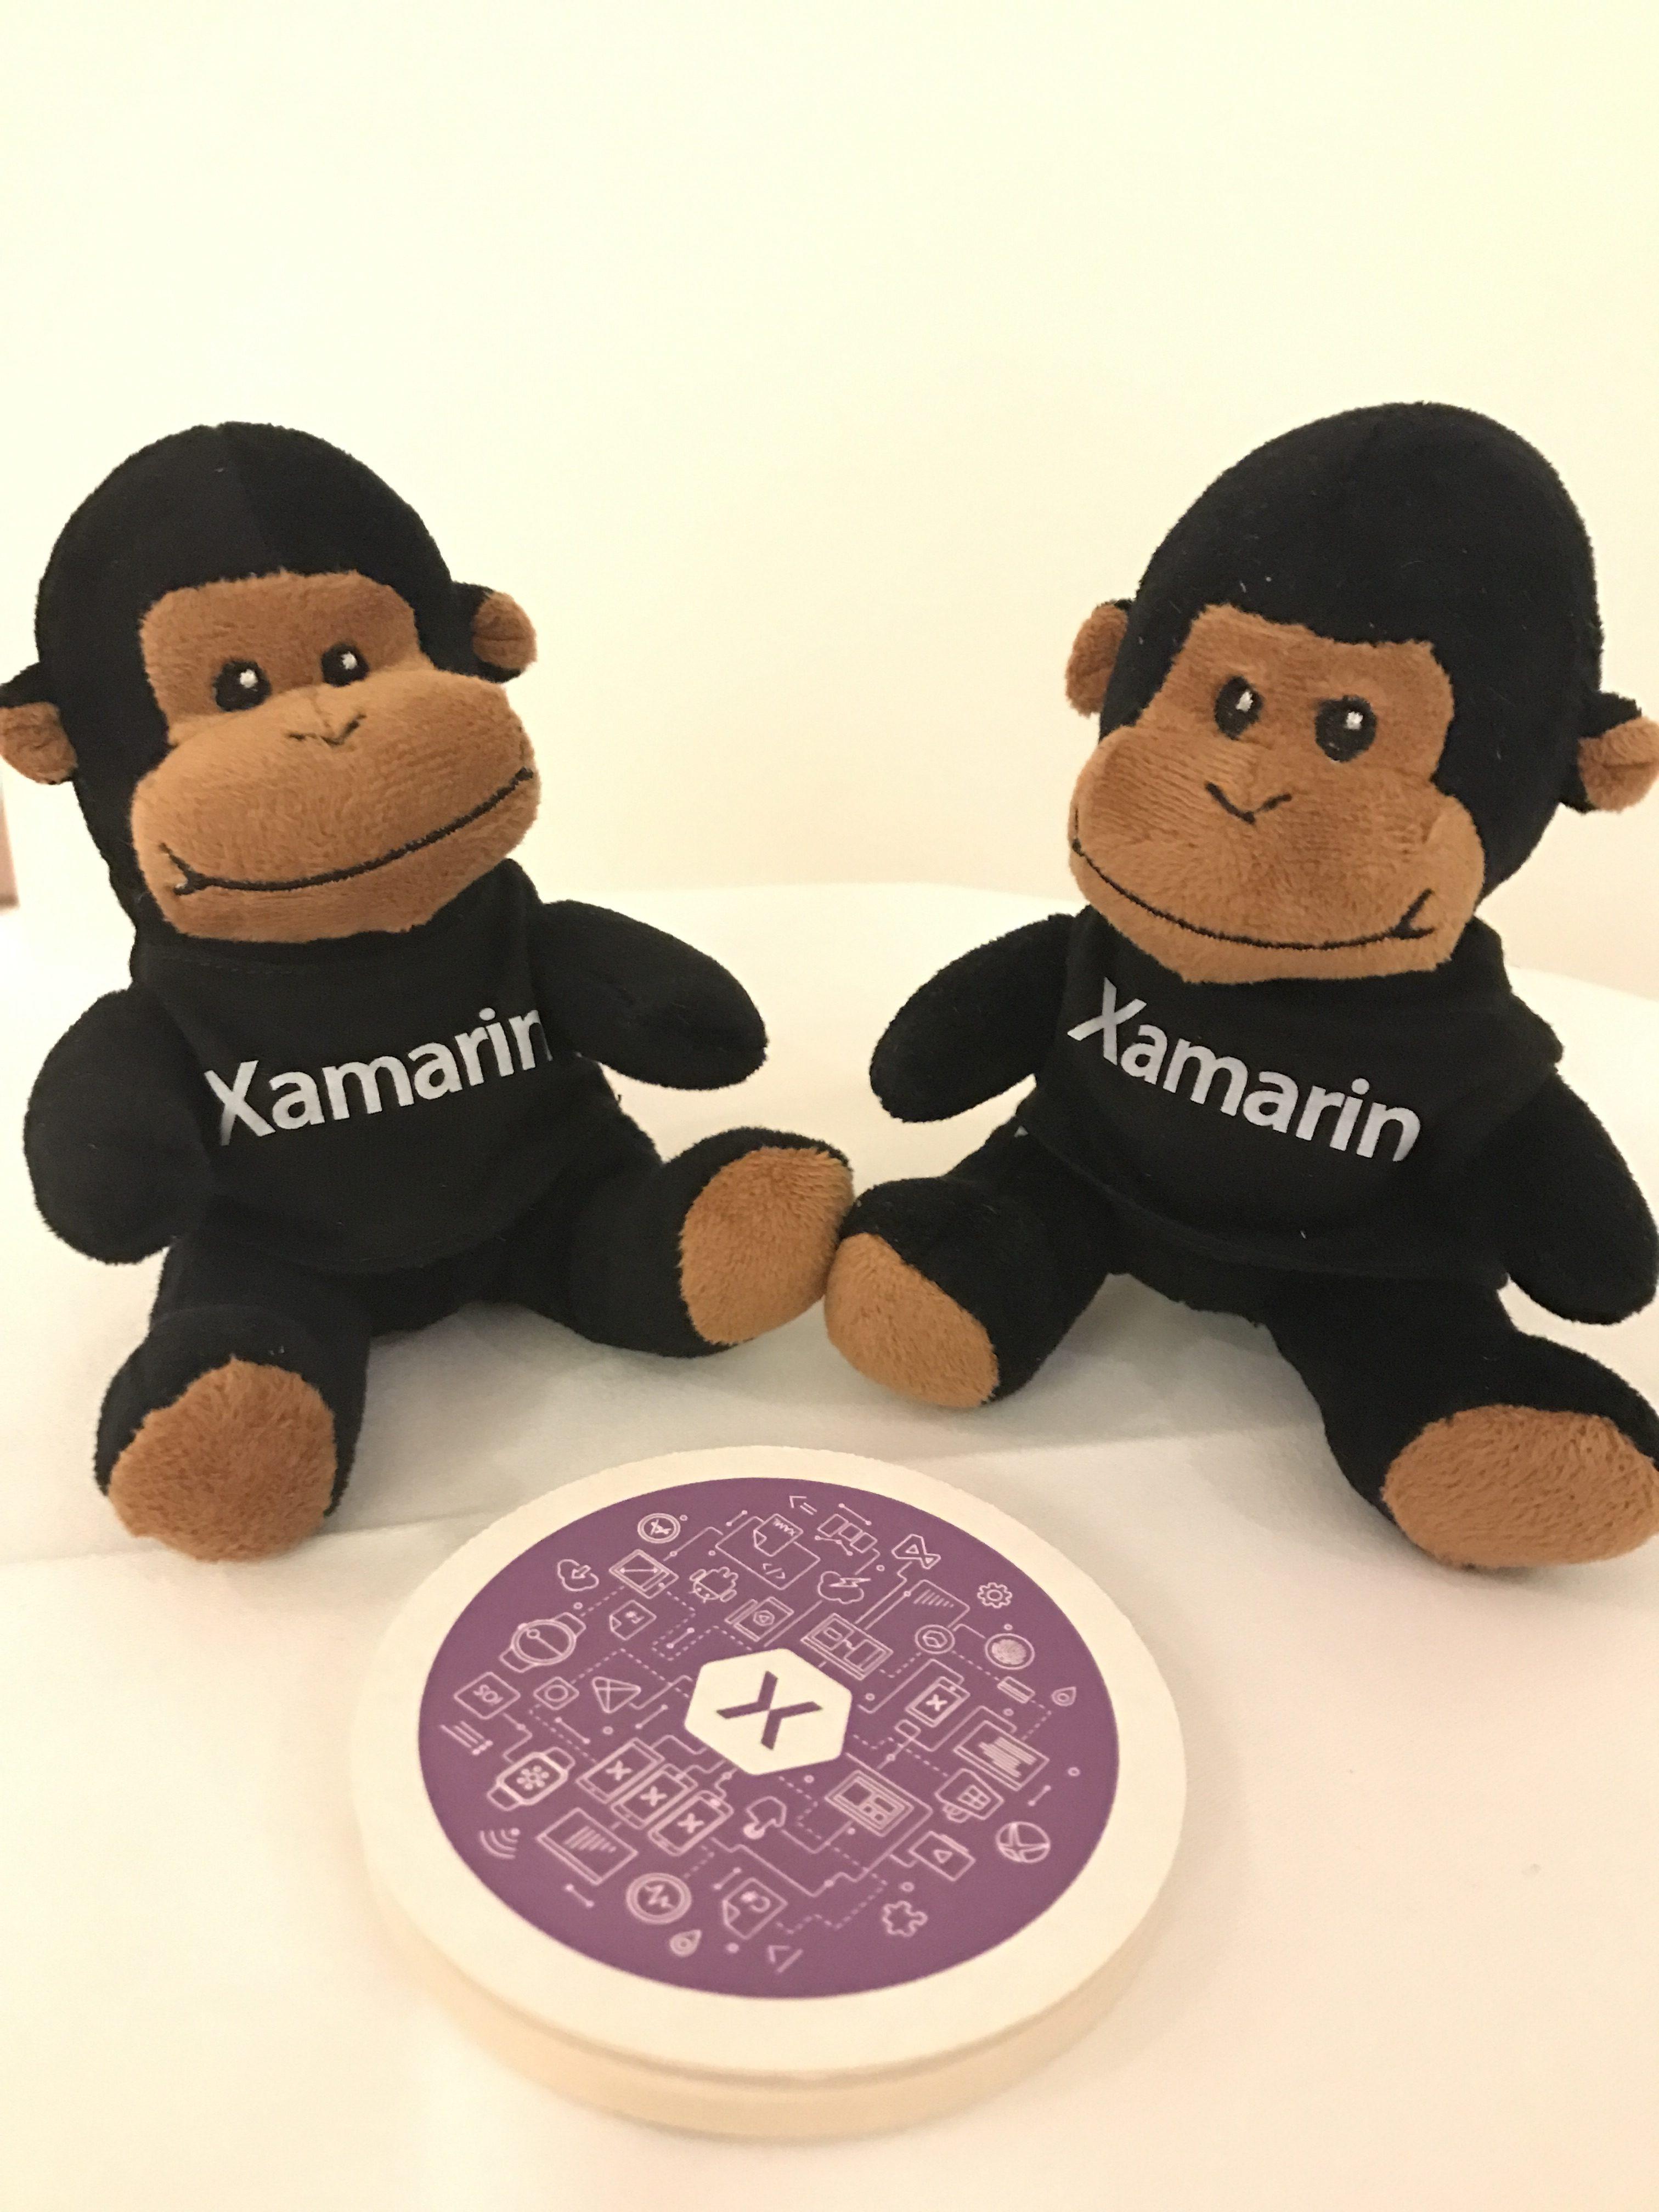 Retours sur le Xamarin Partner Summit 2017 !